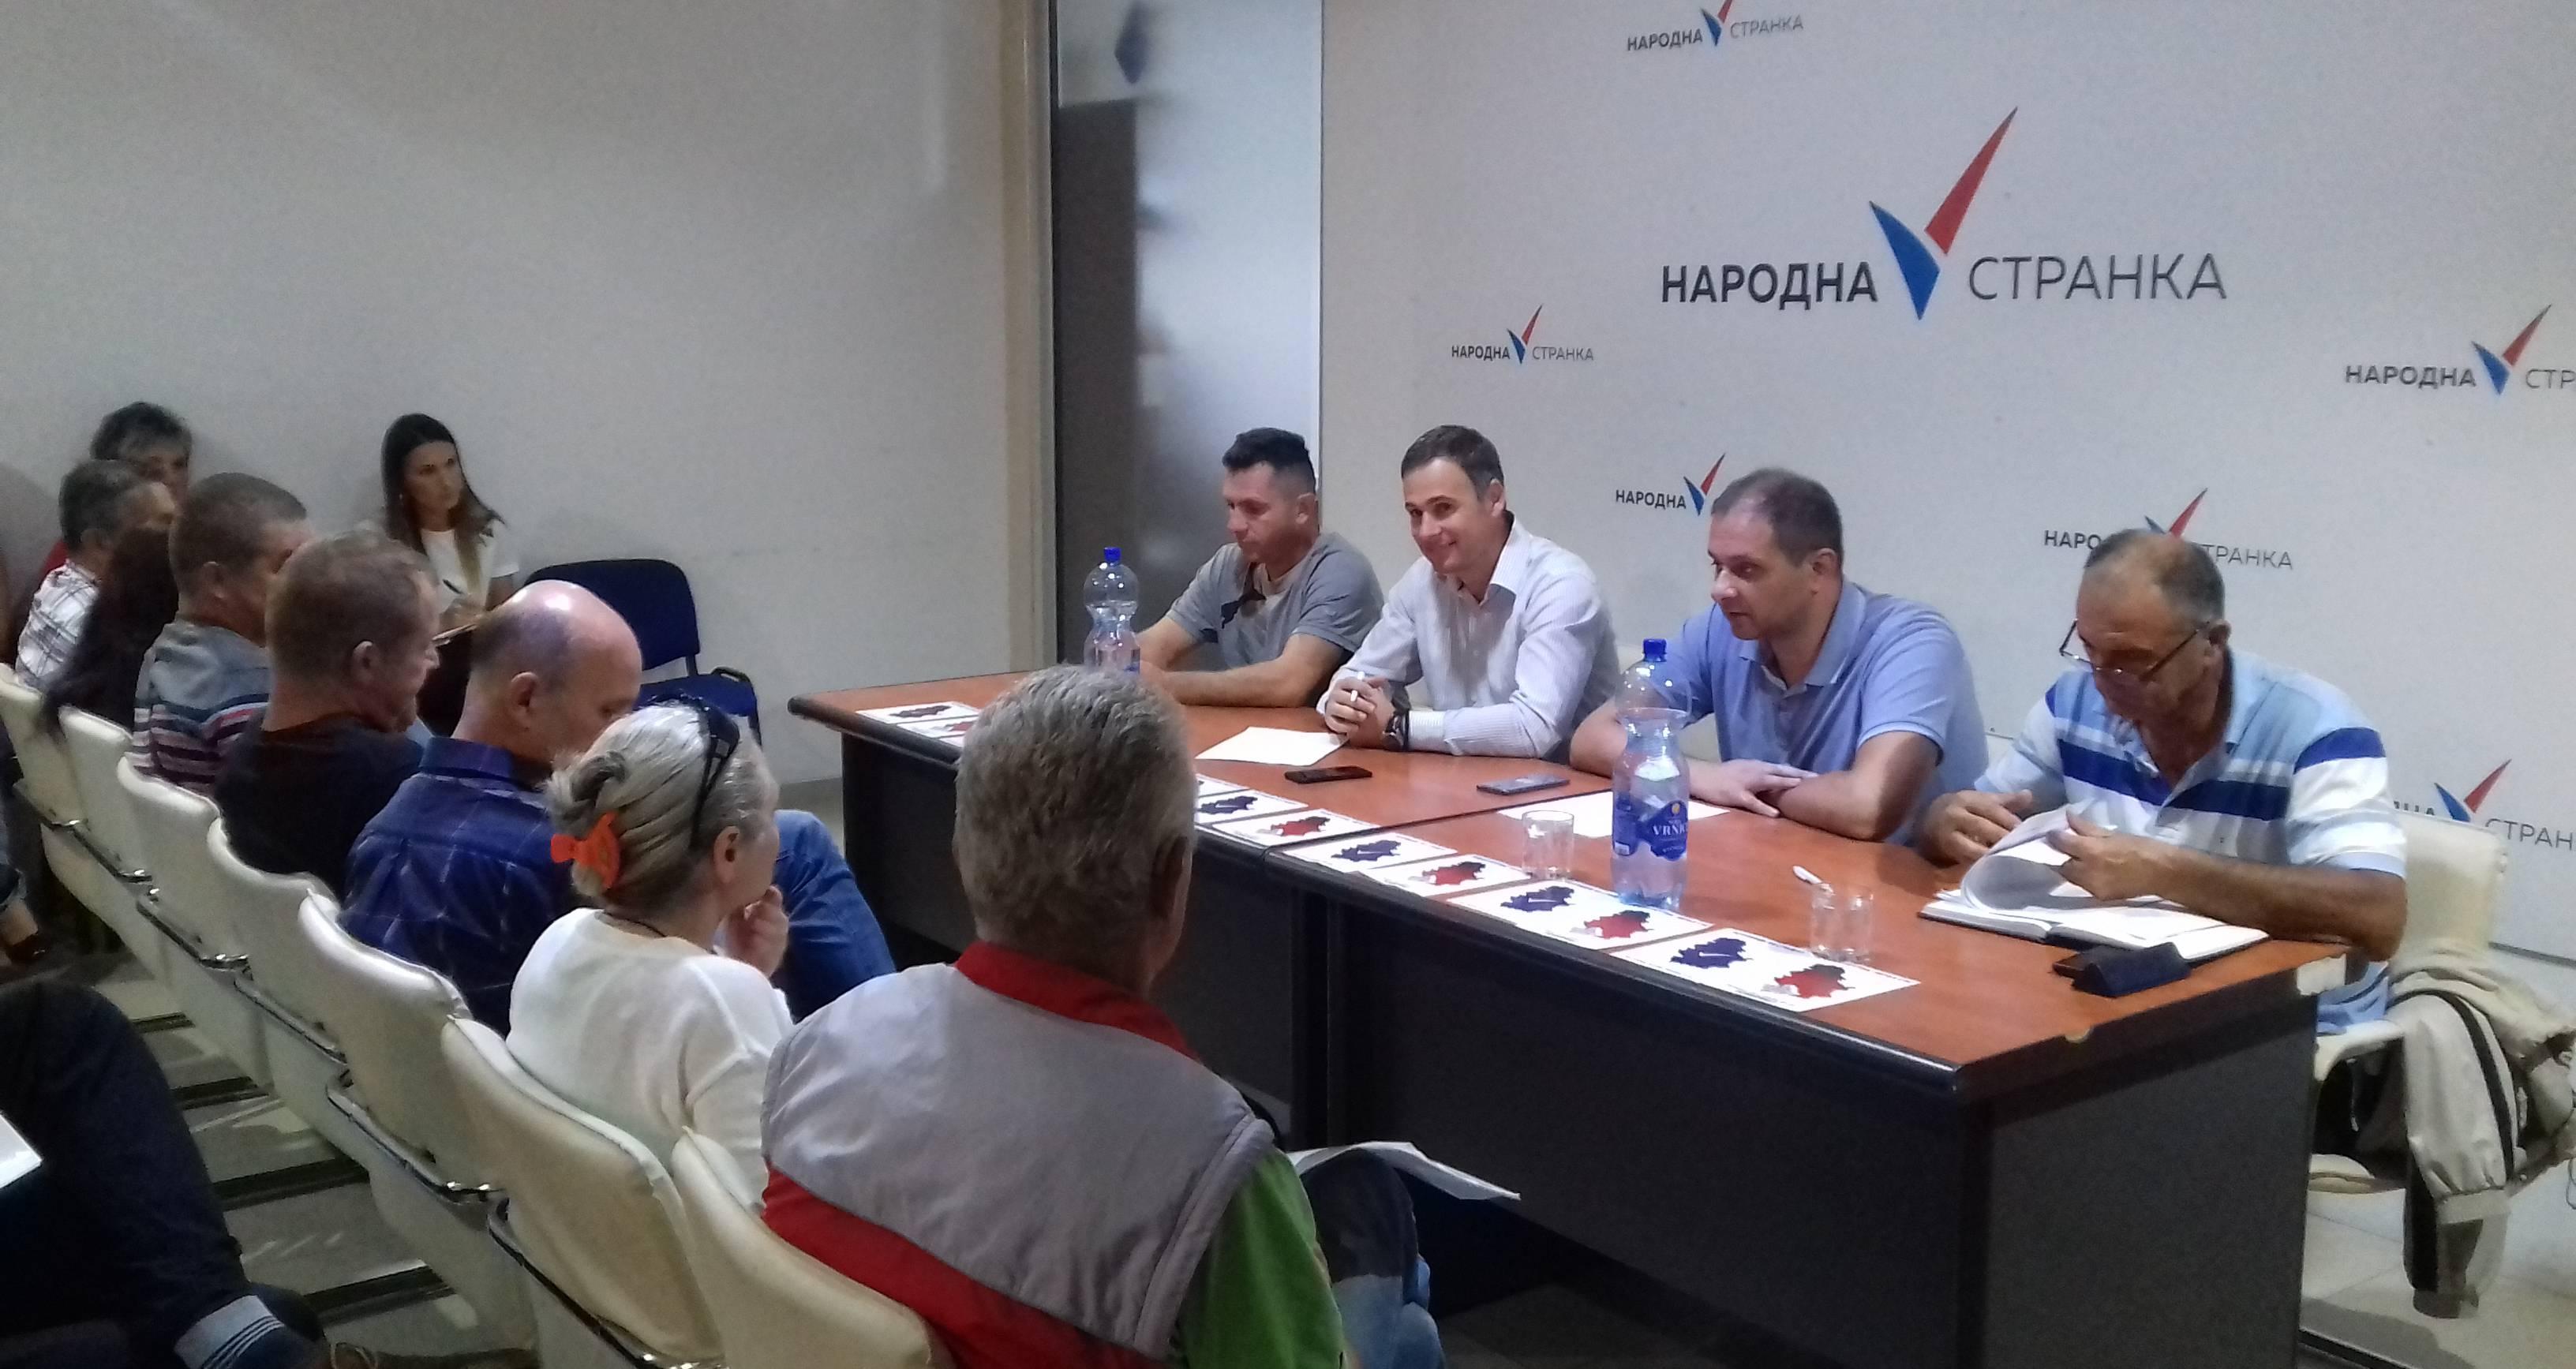 Народна странка Трстеник: Промоција трстеничког бренда претворена у вашар